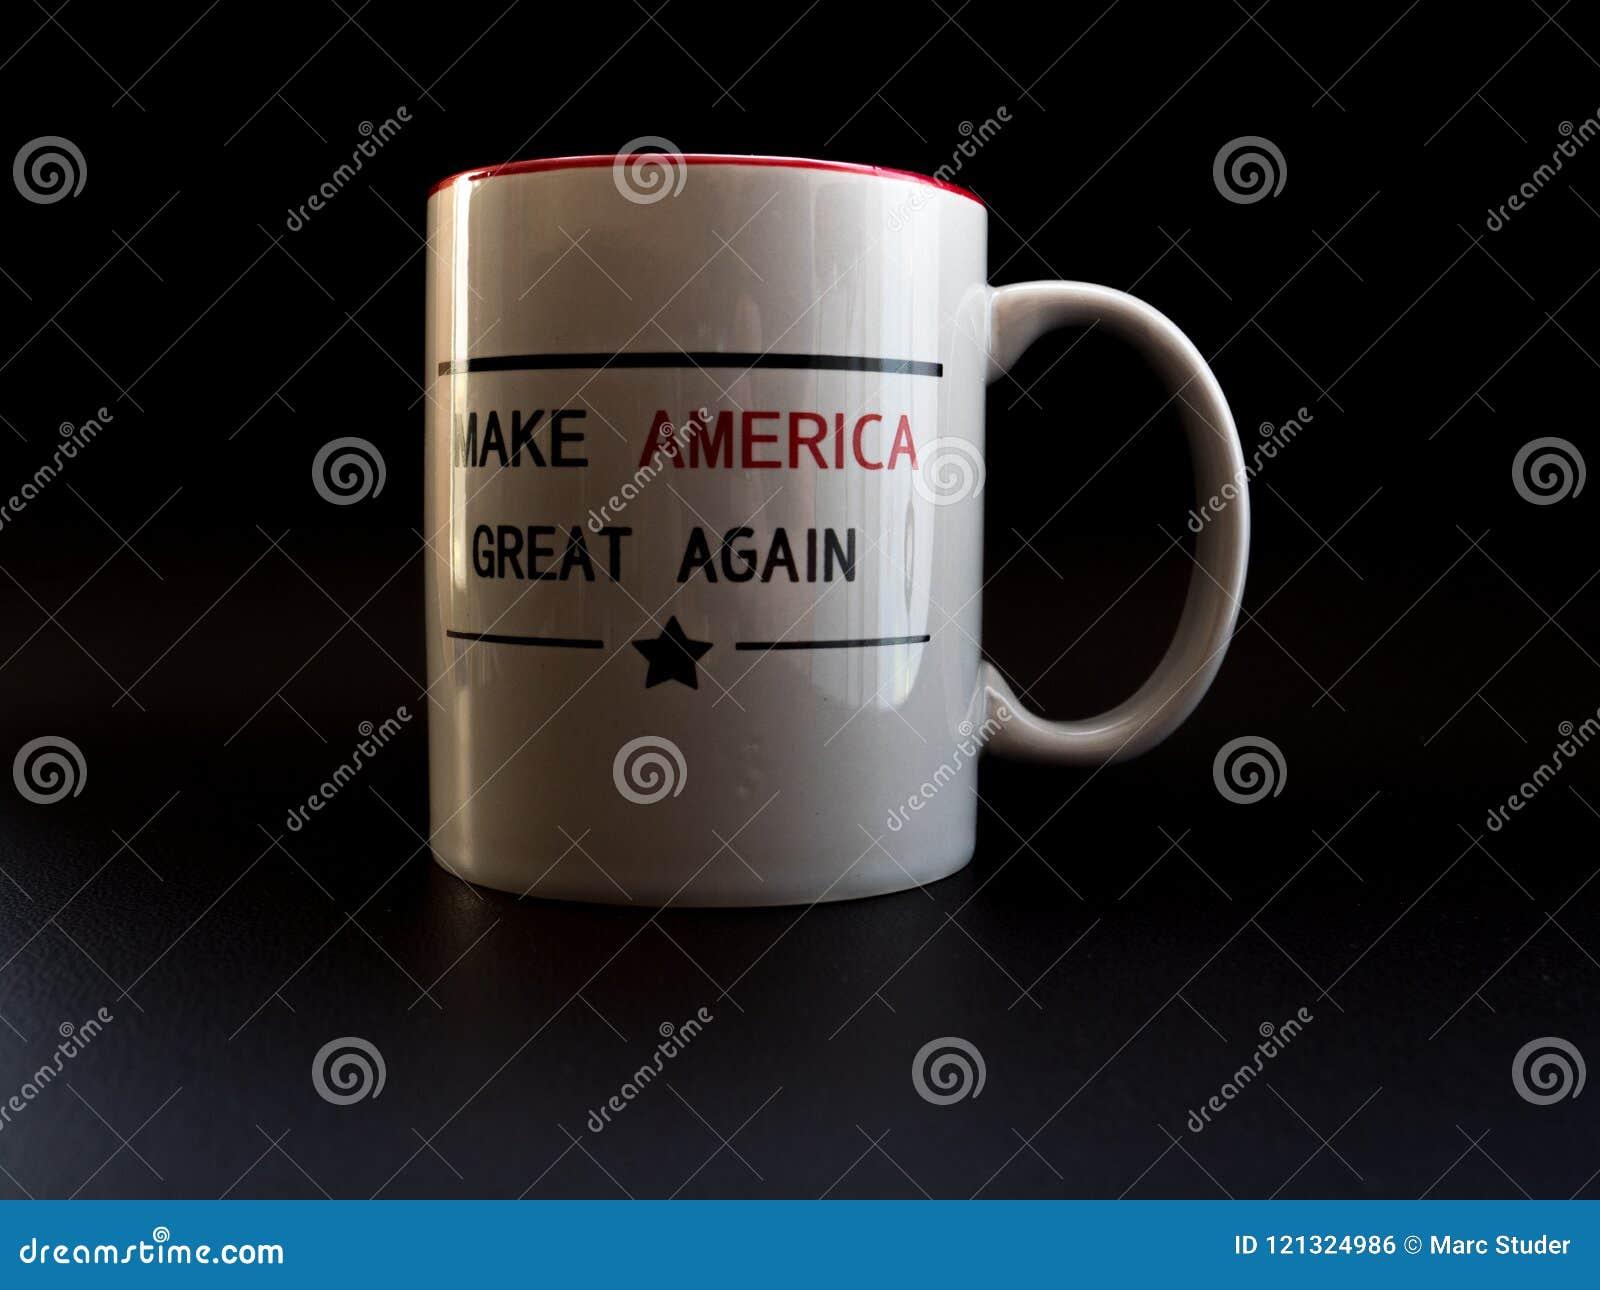 Maak Amerika opnieuw tot grote koffiekop in campagne van de studio de lichte troef